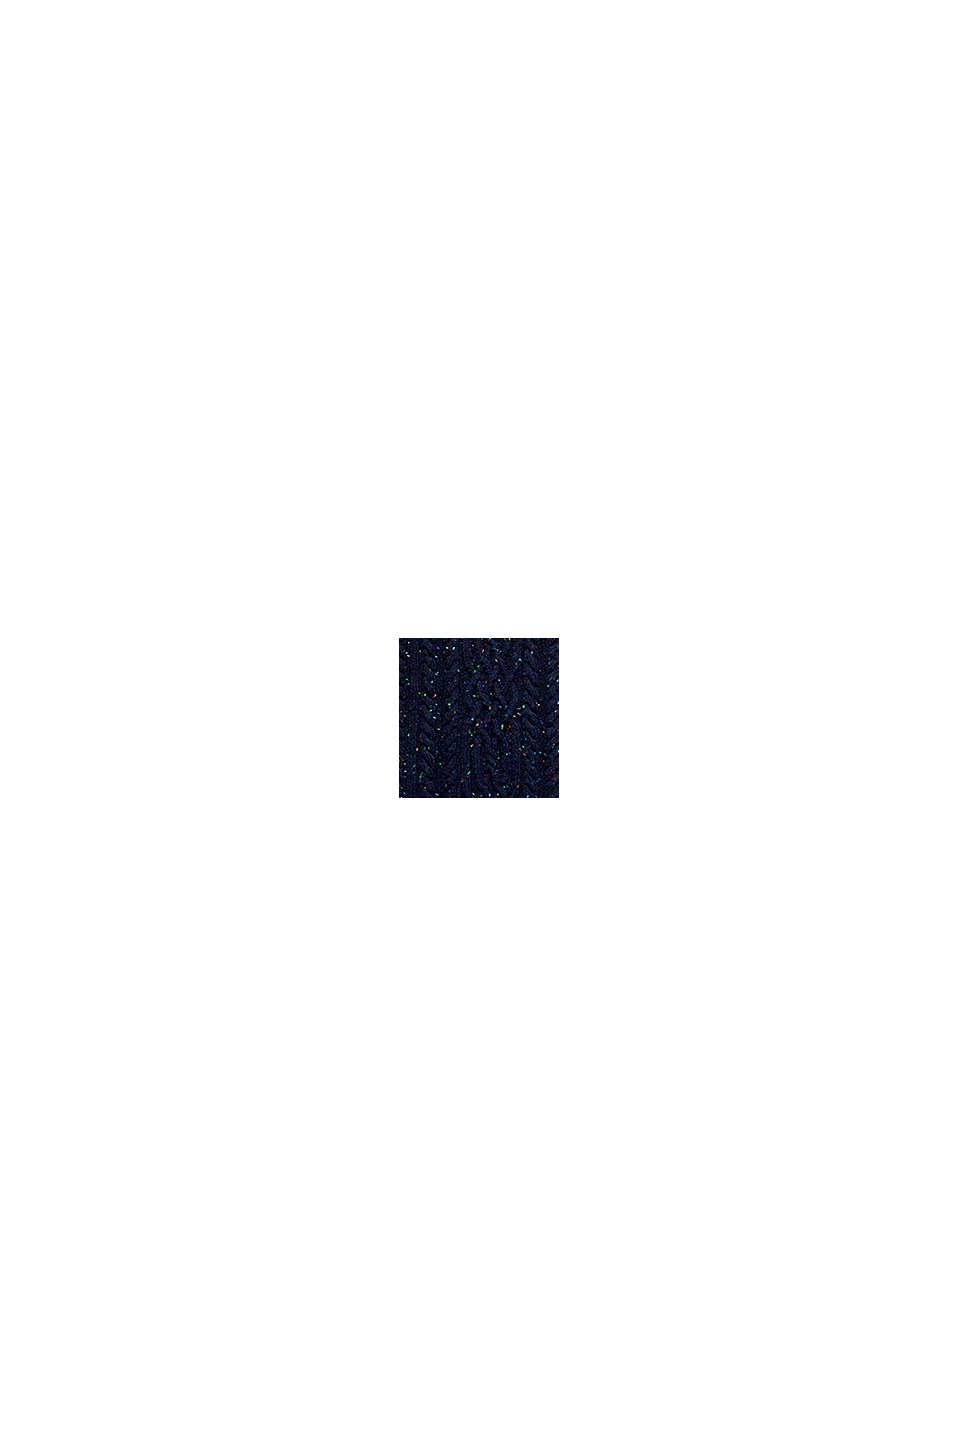 En laine mélangée: le pull-over texturé animé de picots colorés, NAVY, swatch